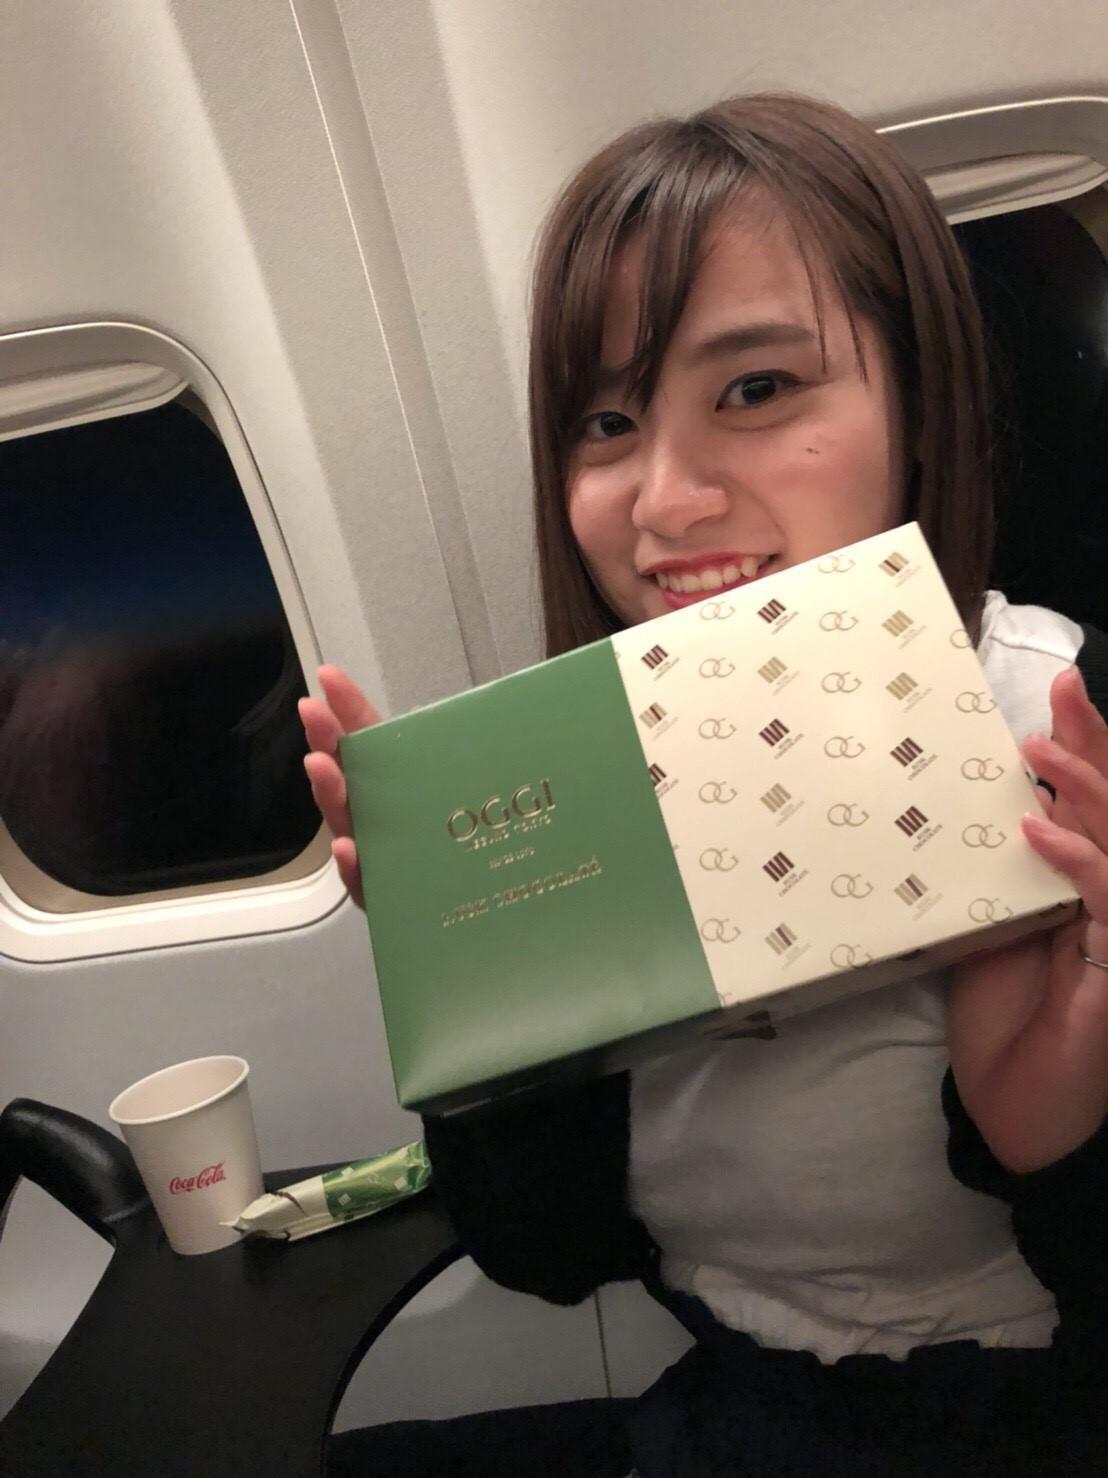 https://emifull.jp/emifulls_blog/11th/uploads/8d916ced30c499cba8347760c845e7d223324220.jpg